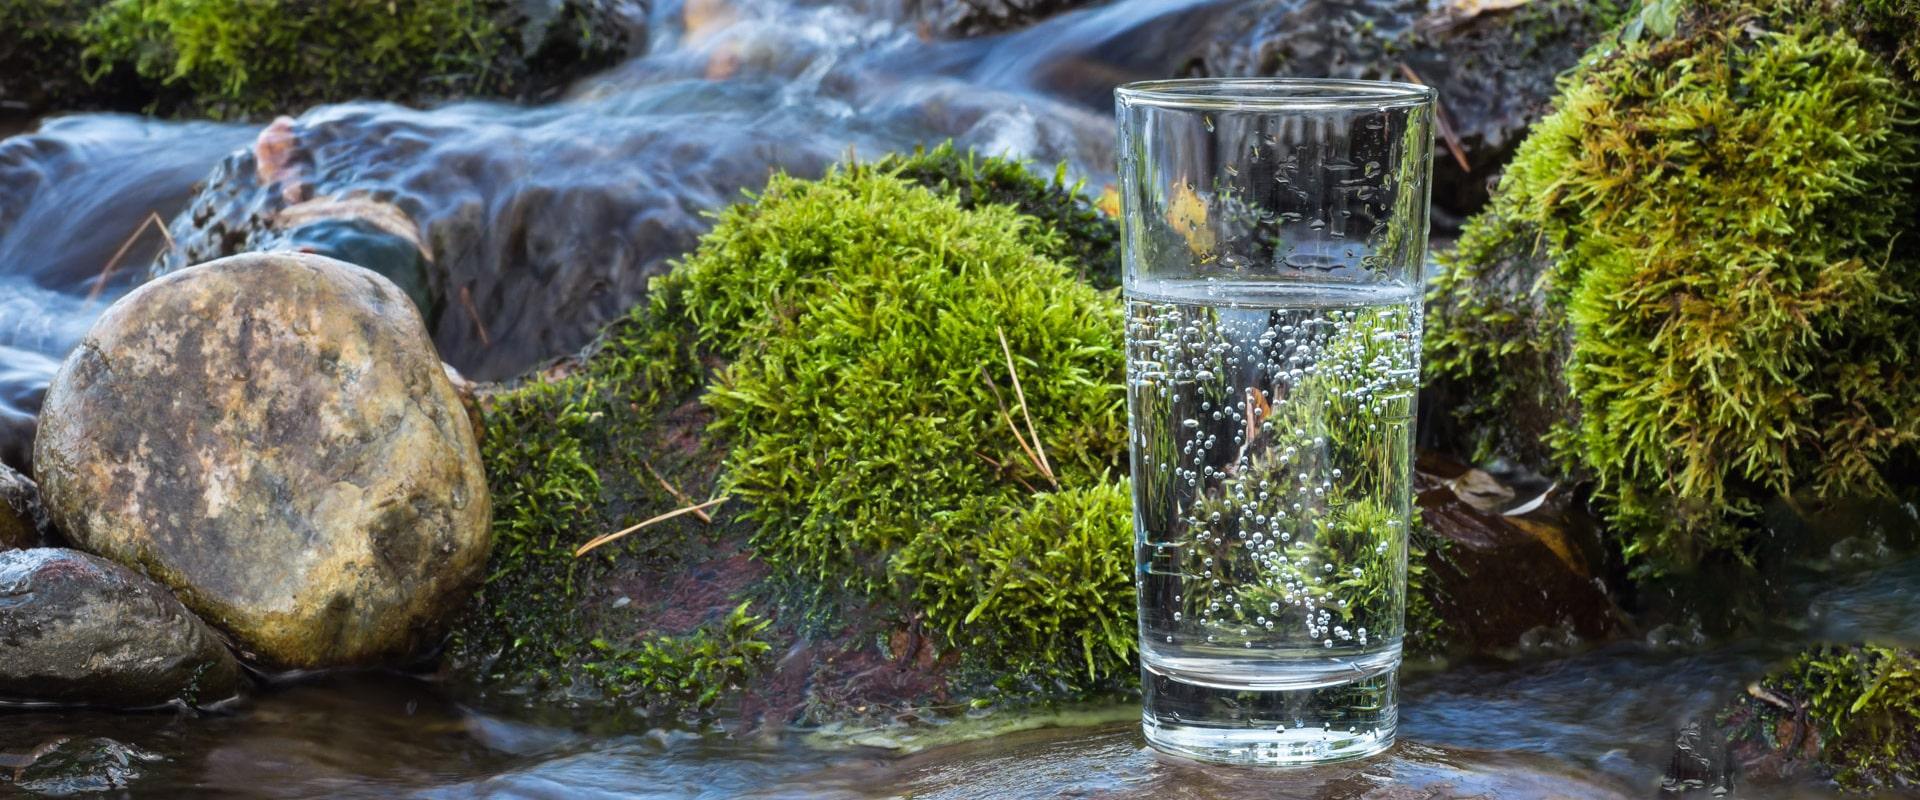 Мінеральні води курорту Трускавець. Що варто знати